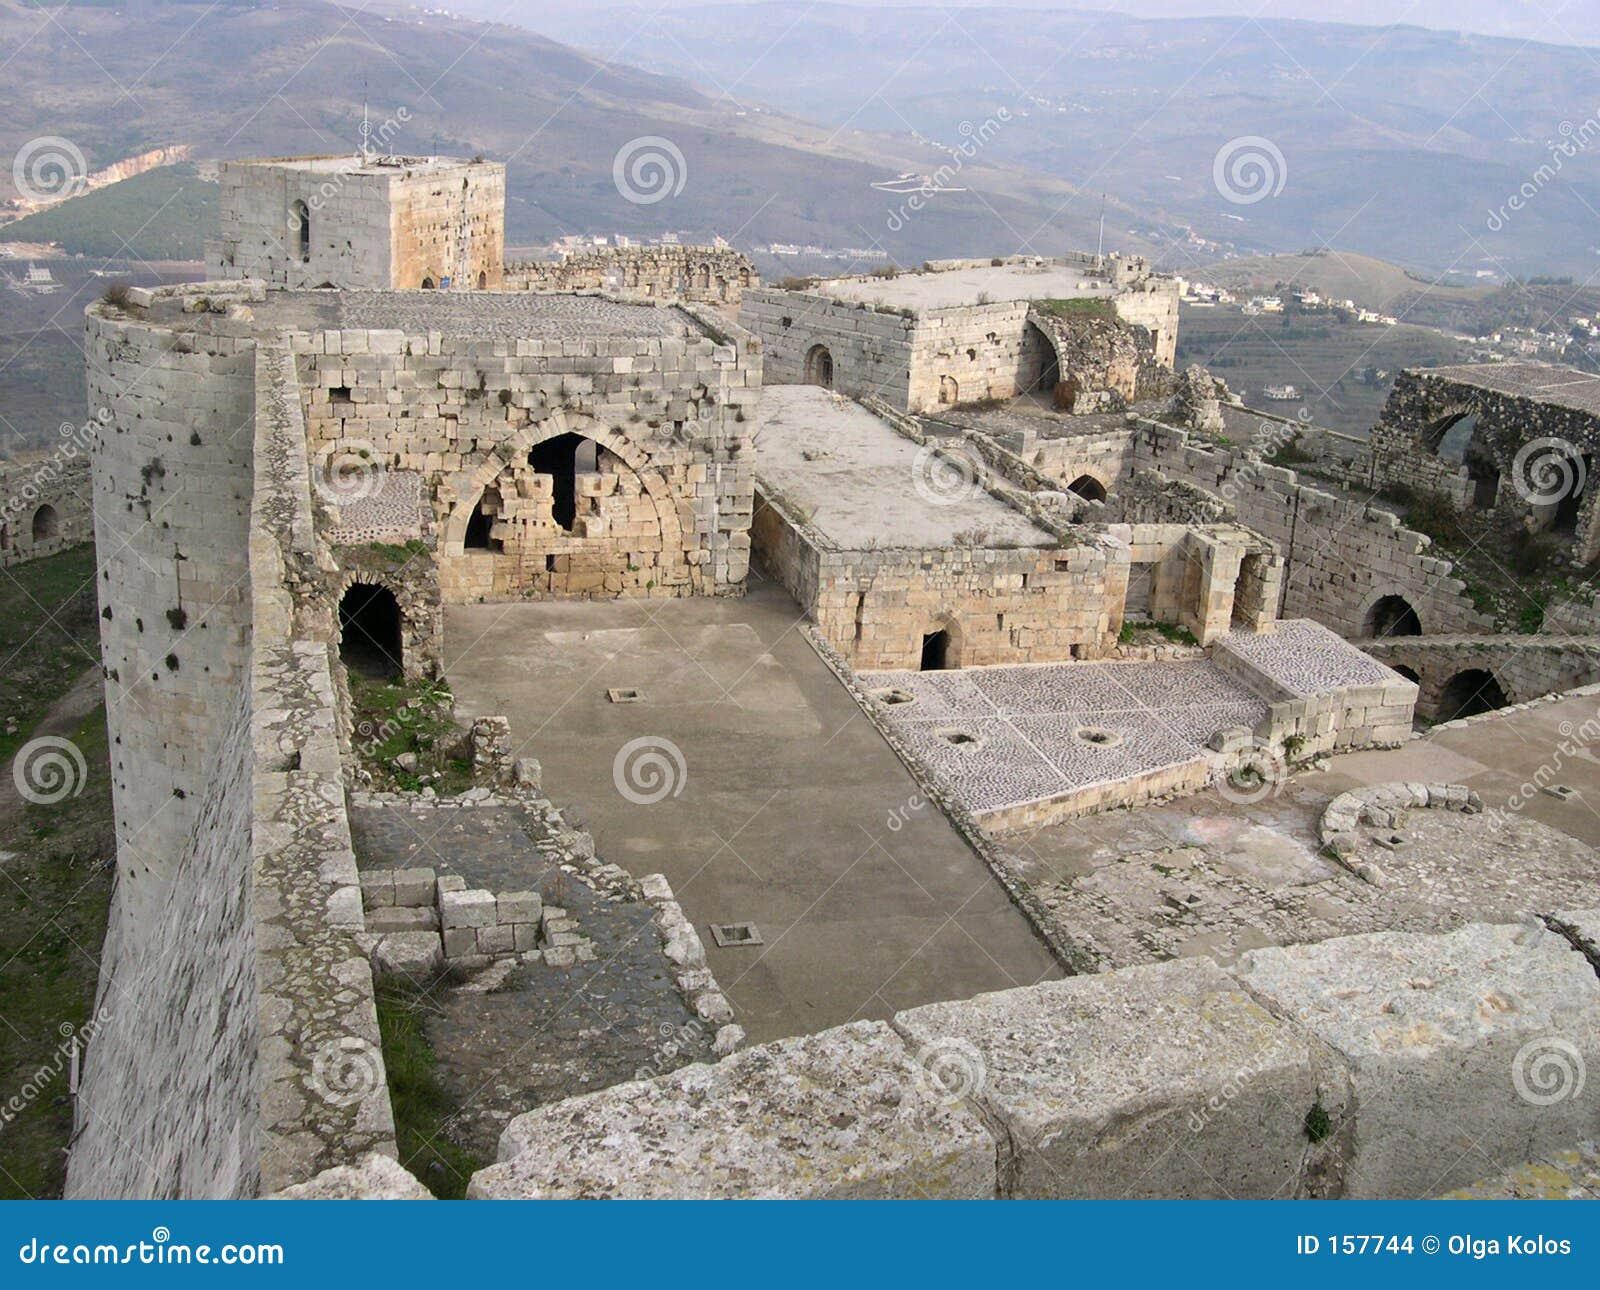 The castle of Krak des Chevaliers